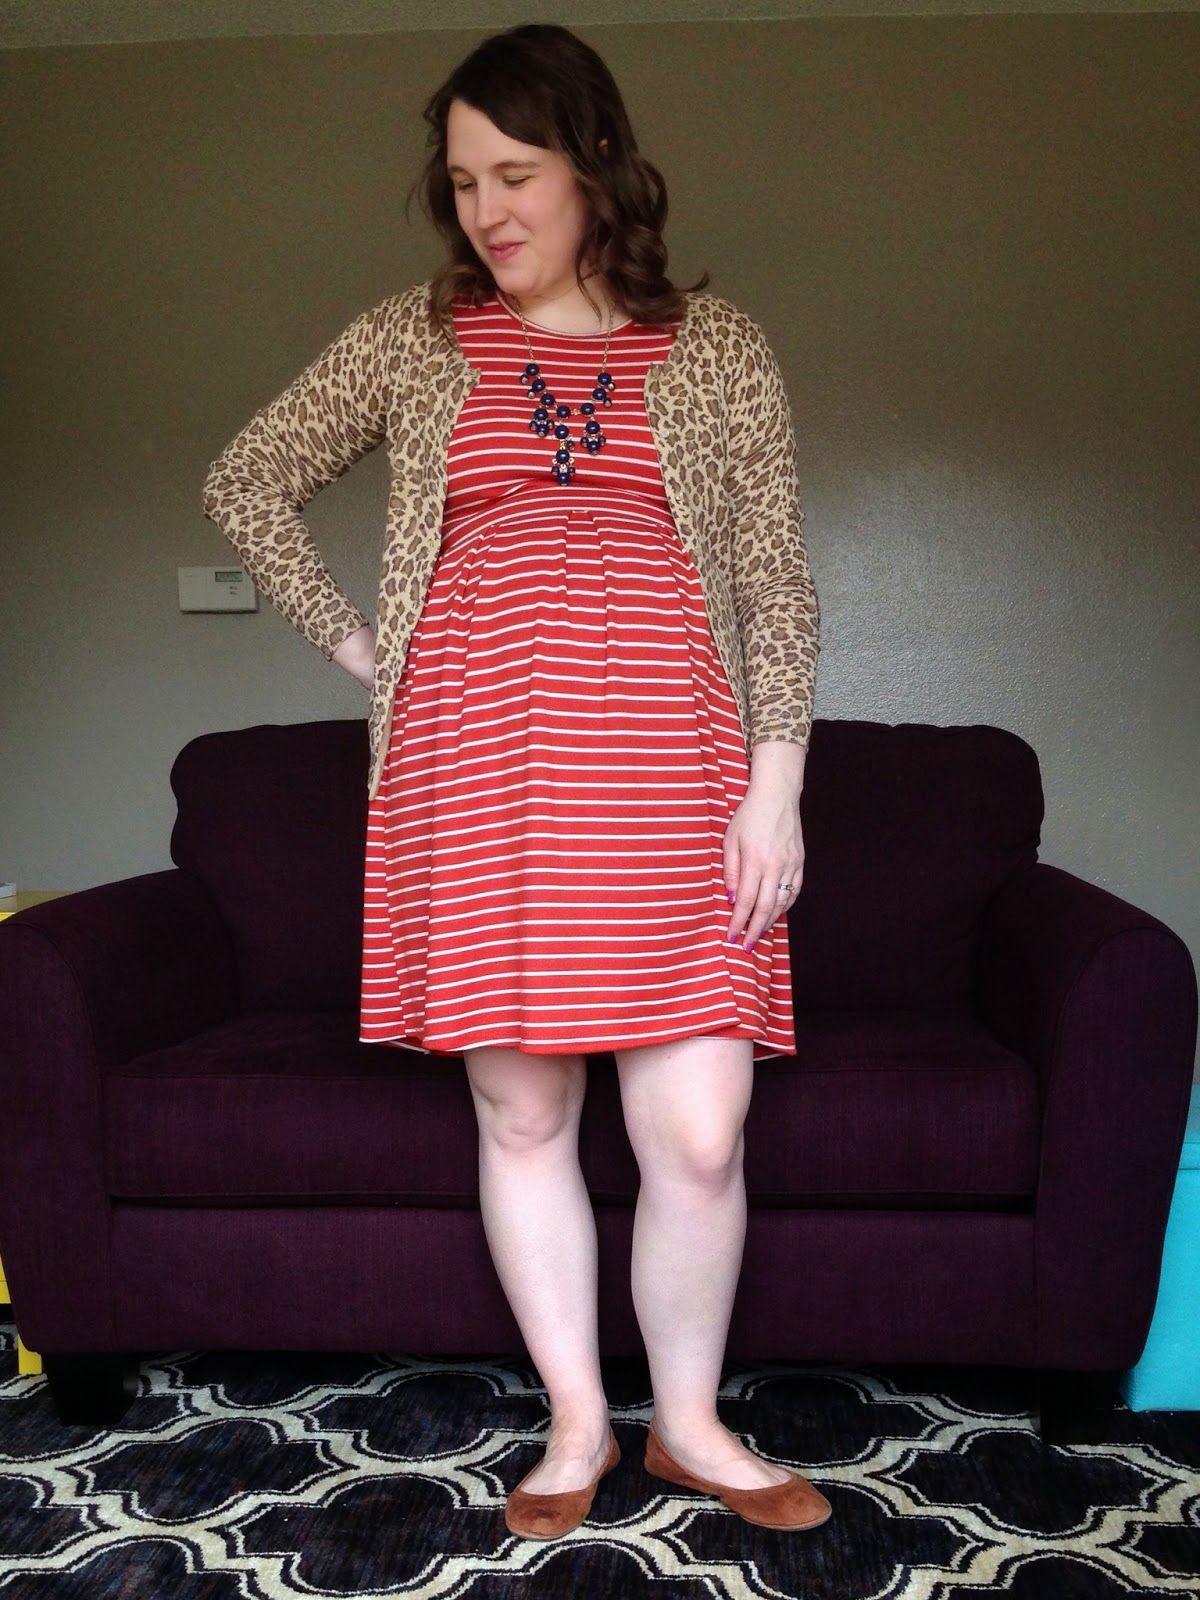 Maternity style pattern mix lularoe amelia dress leopard maternity style pattern mix lularoe amelia dress leopard cardigan striped dress ombrellifo Gallery